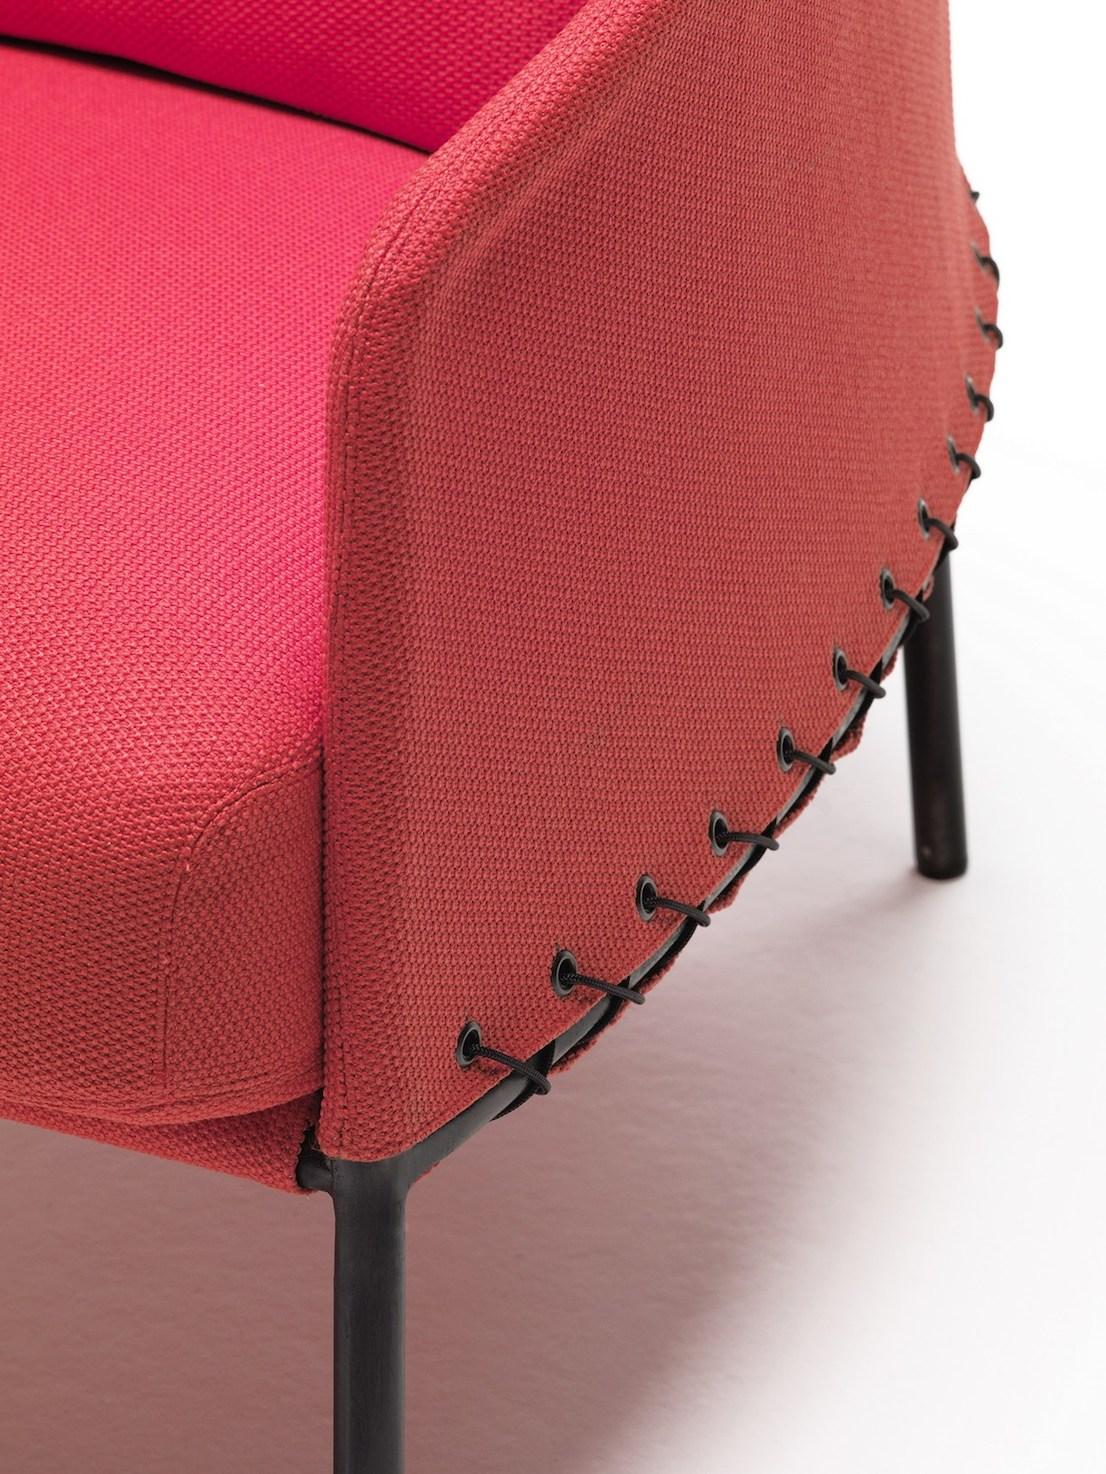 Poncho design di LucidiPevere per Living Divani